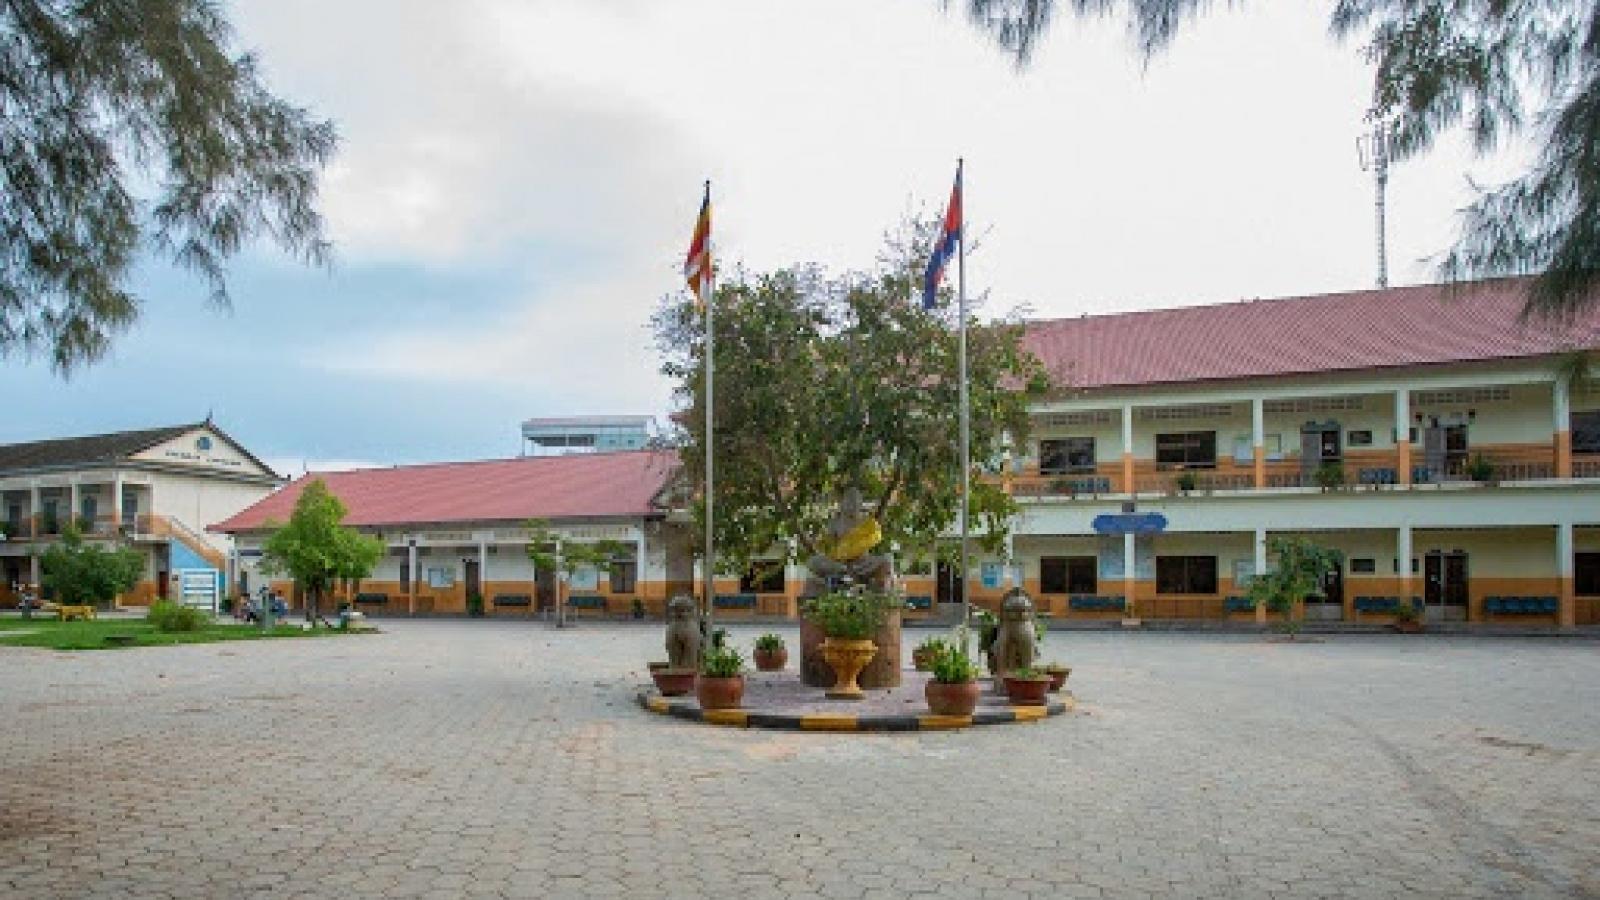 Campuchia đóng cửa tất cả các trường học và trung tâm giải trí vì Covid-19